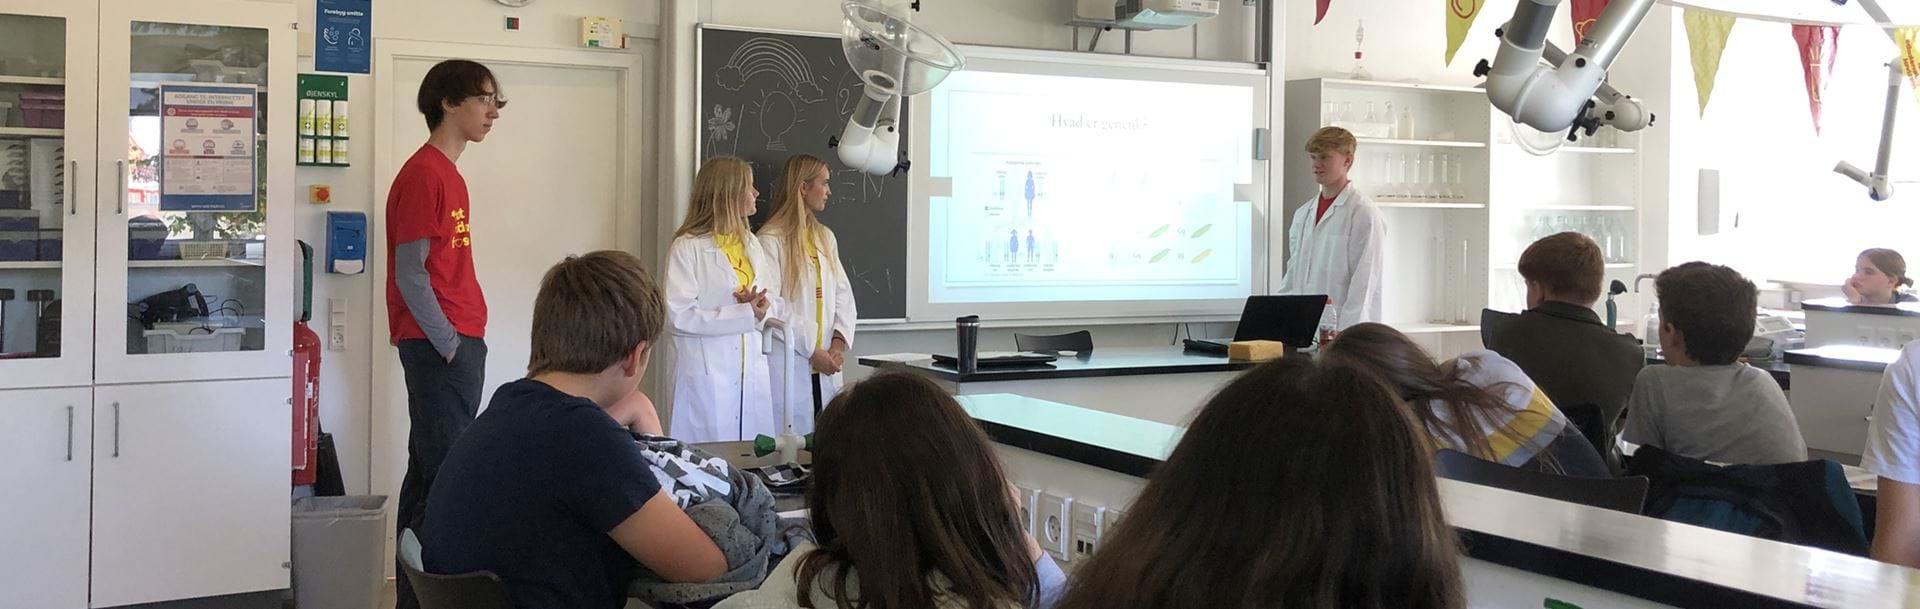 Gymnasieelever underviser yngre elever i genetik